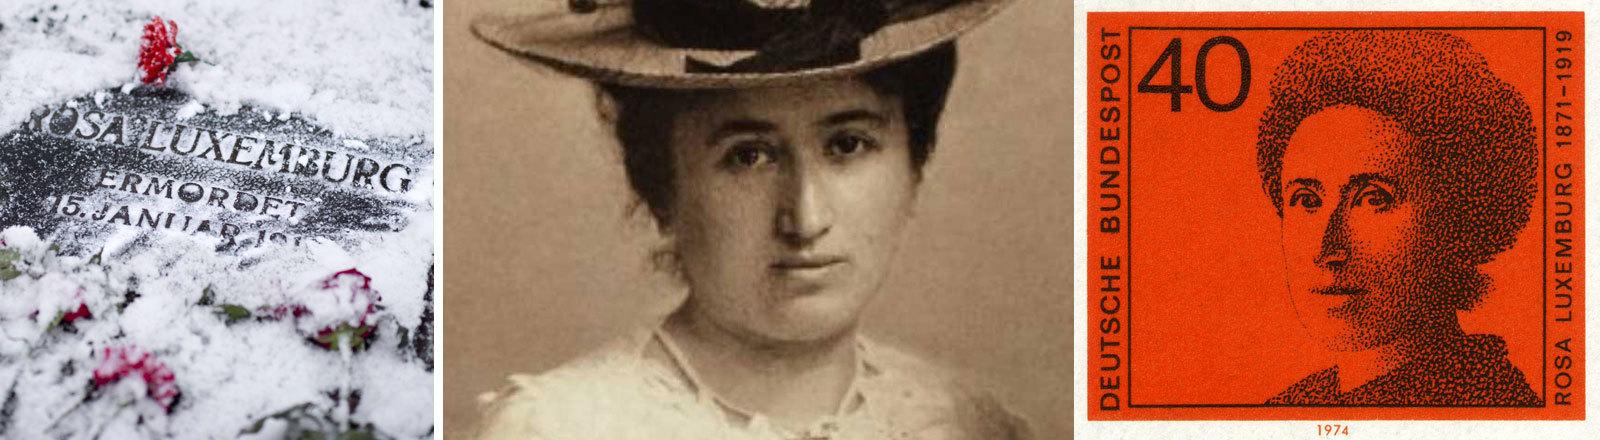 Die Grabstätte Rosa Luxemburg, Rosa Luxemburg im Portrait und auf Briefmarke